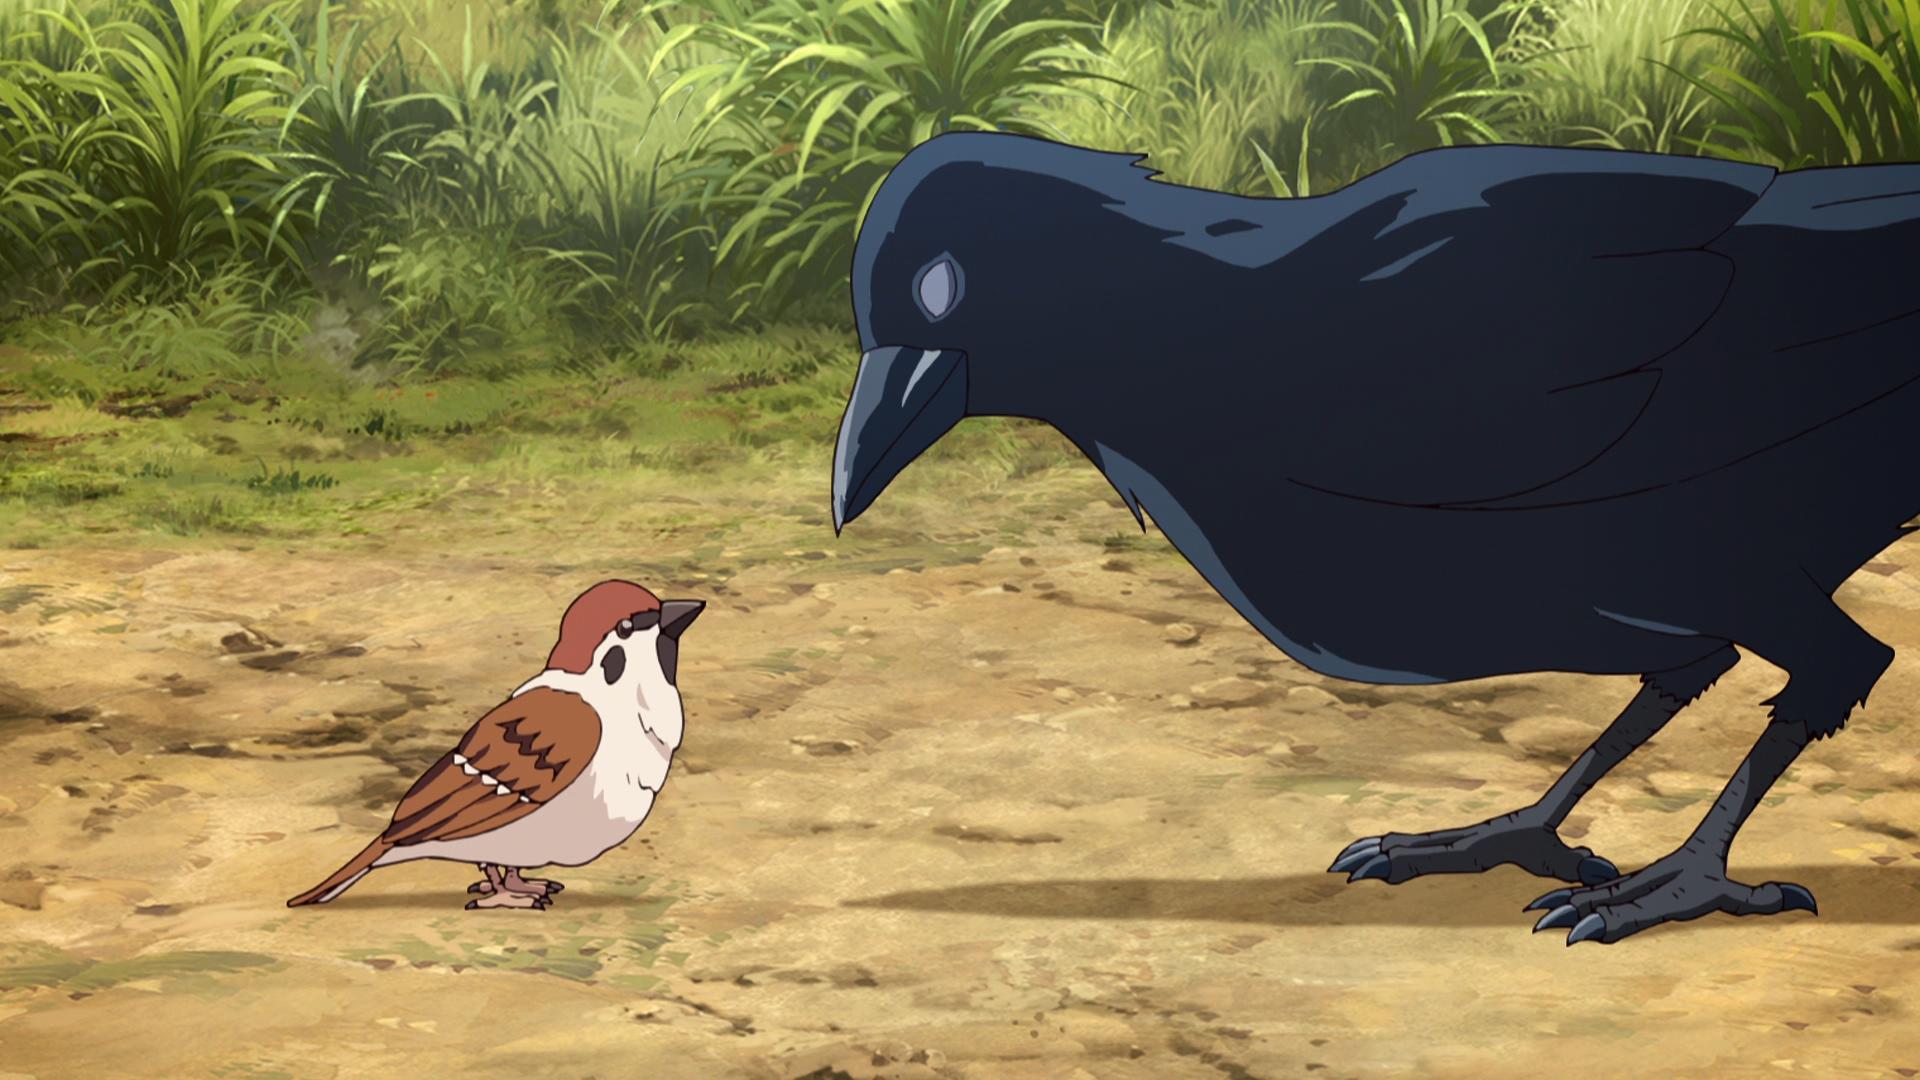 Chuntarou the Sparrow conversa con un Messenger Crow en una escena del anime de televisión Demon Slayer: Kimetsu no Yaiba.